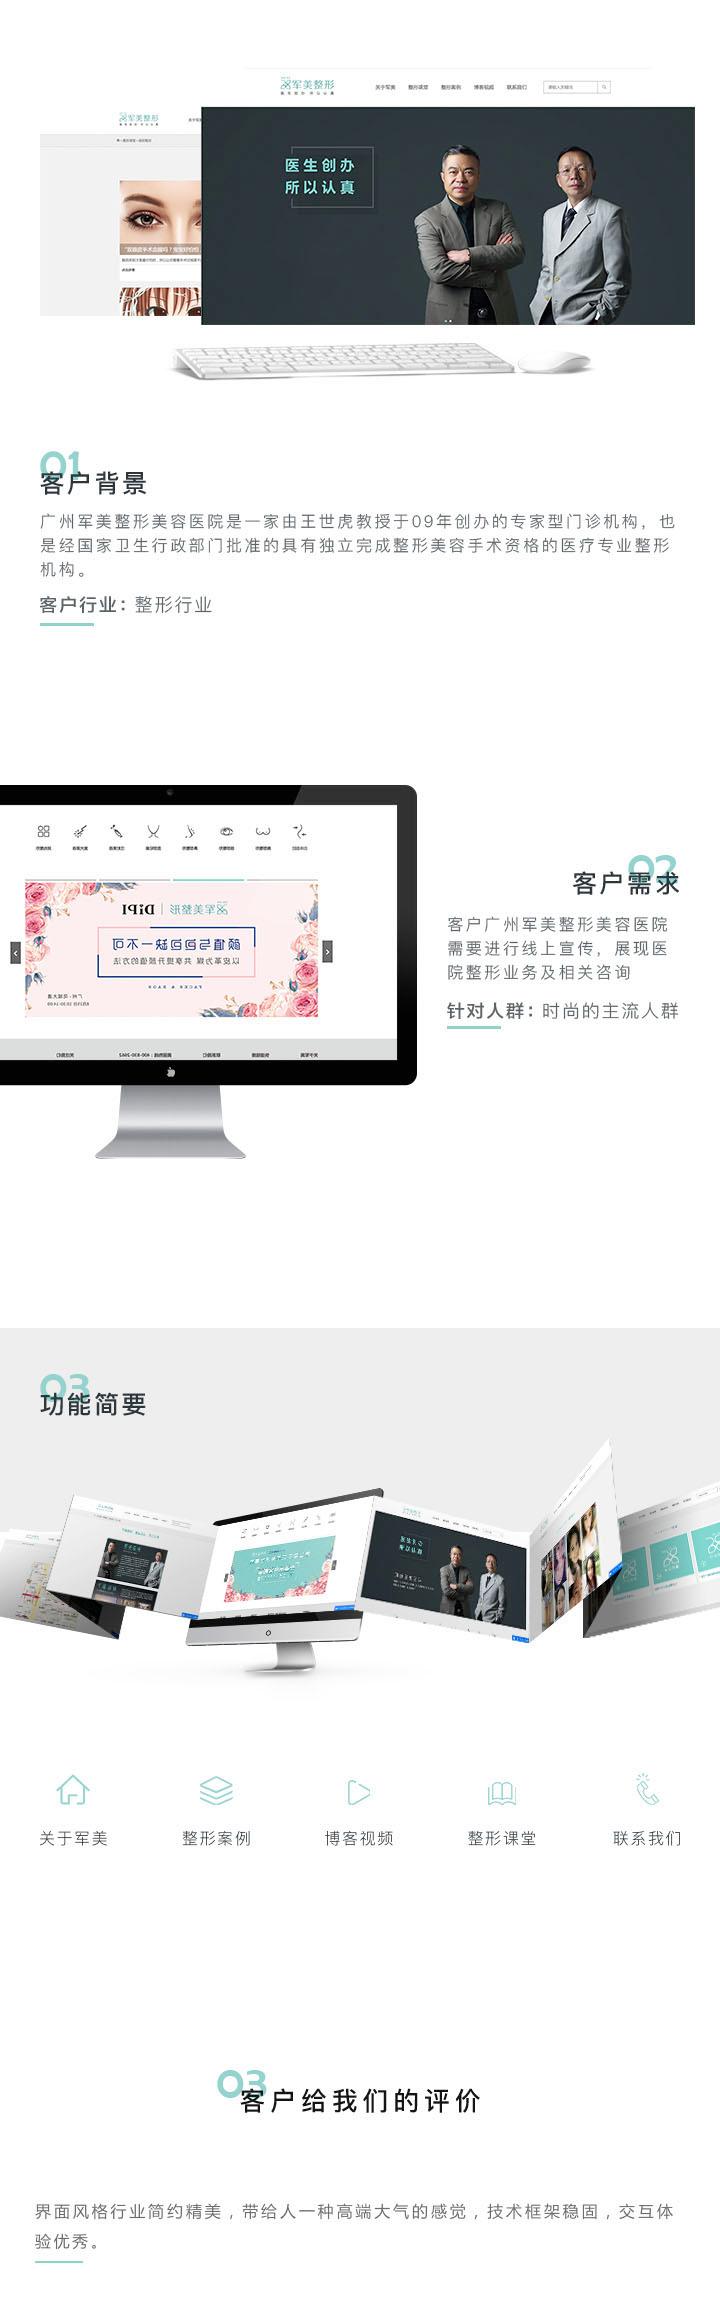 【军美整形】官网网站建设